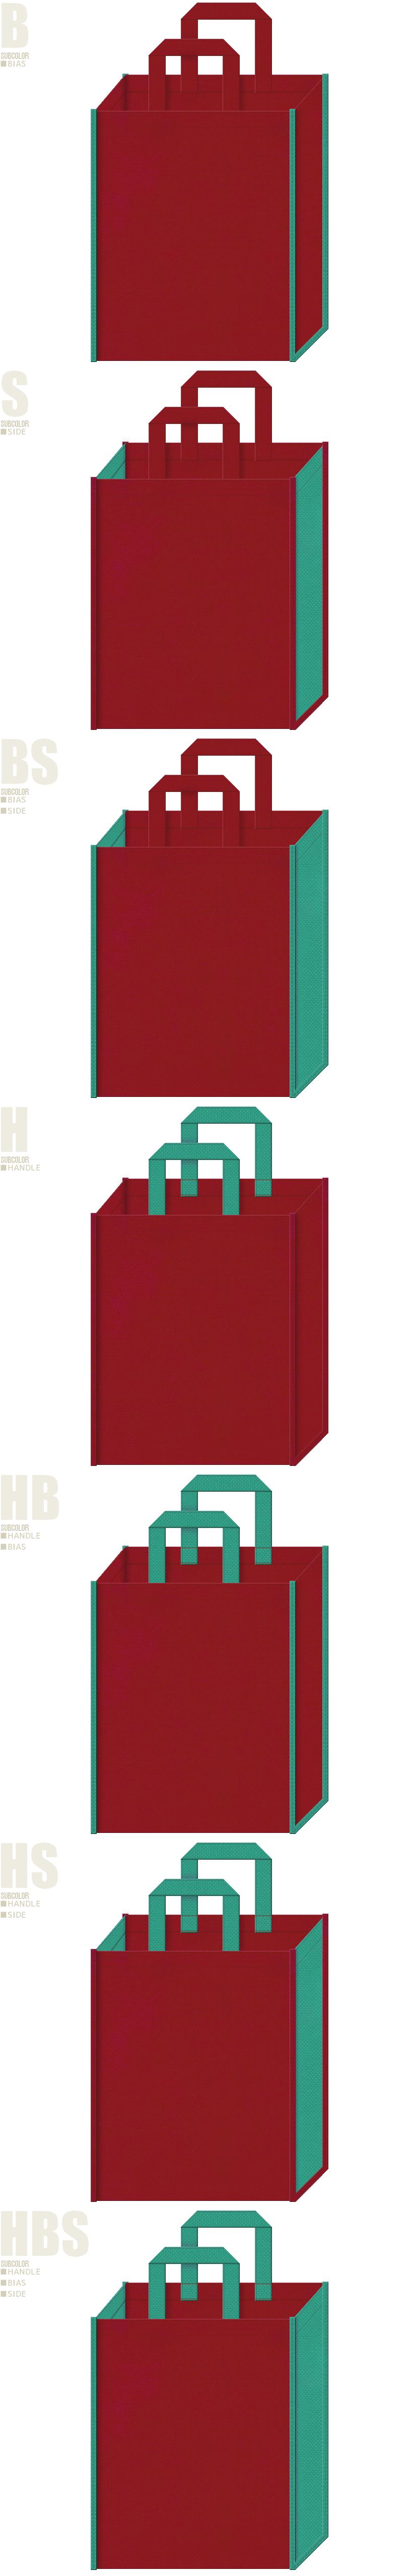 不織布バッグのデザイン:エンジ色と青緑色の配色7パターン